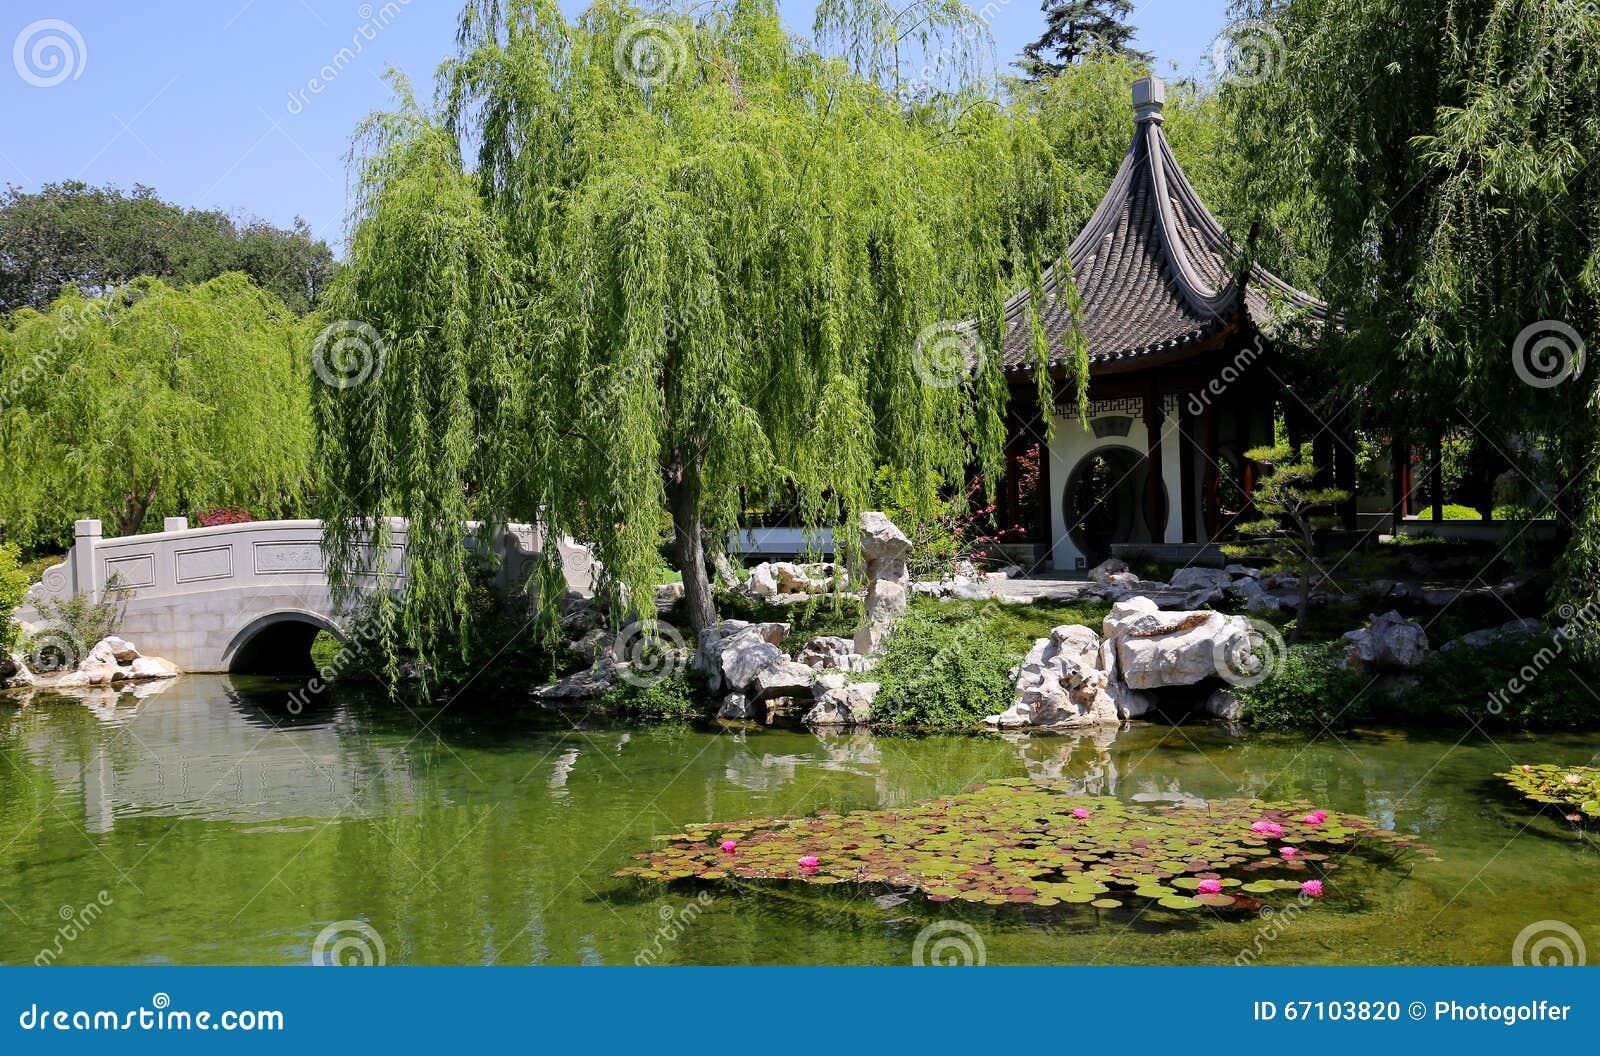 Arbres et fleurs dans un jardin japonais photo stock for Image jardin japonais